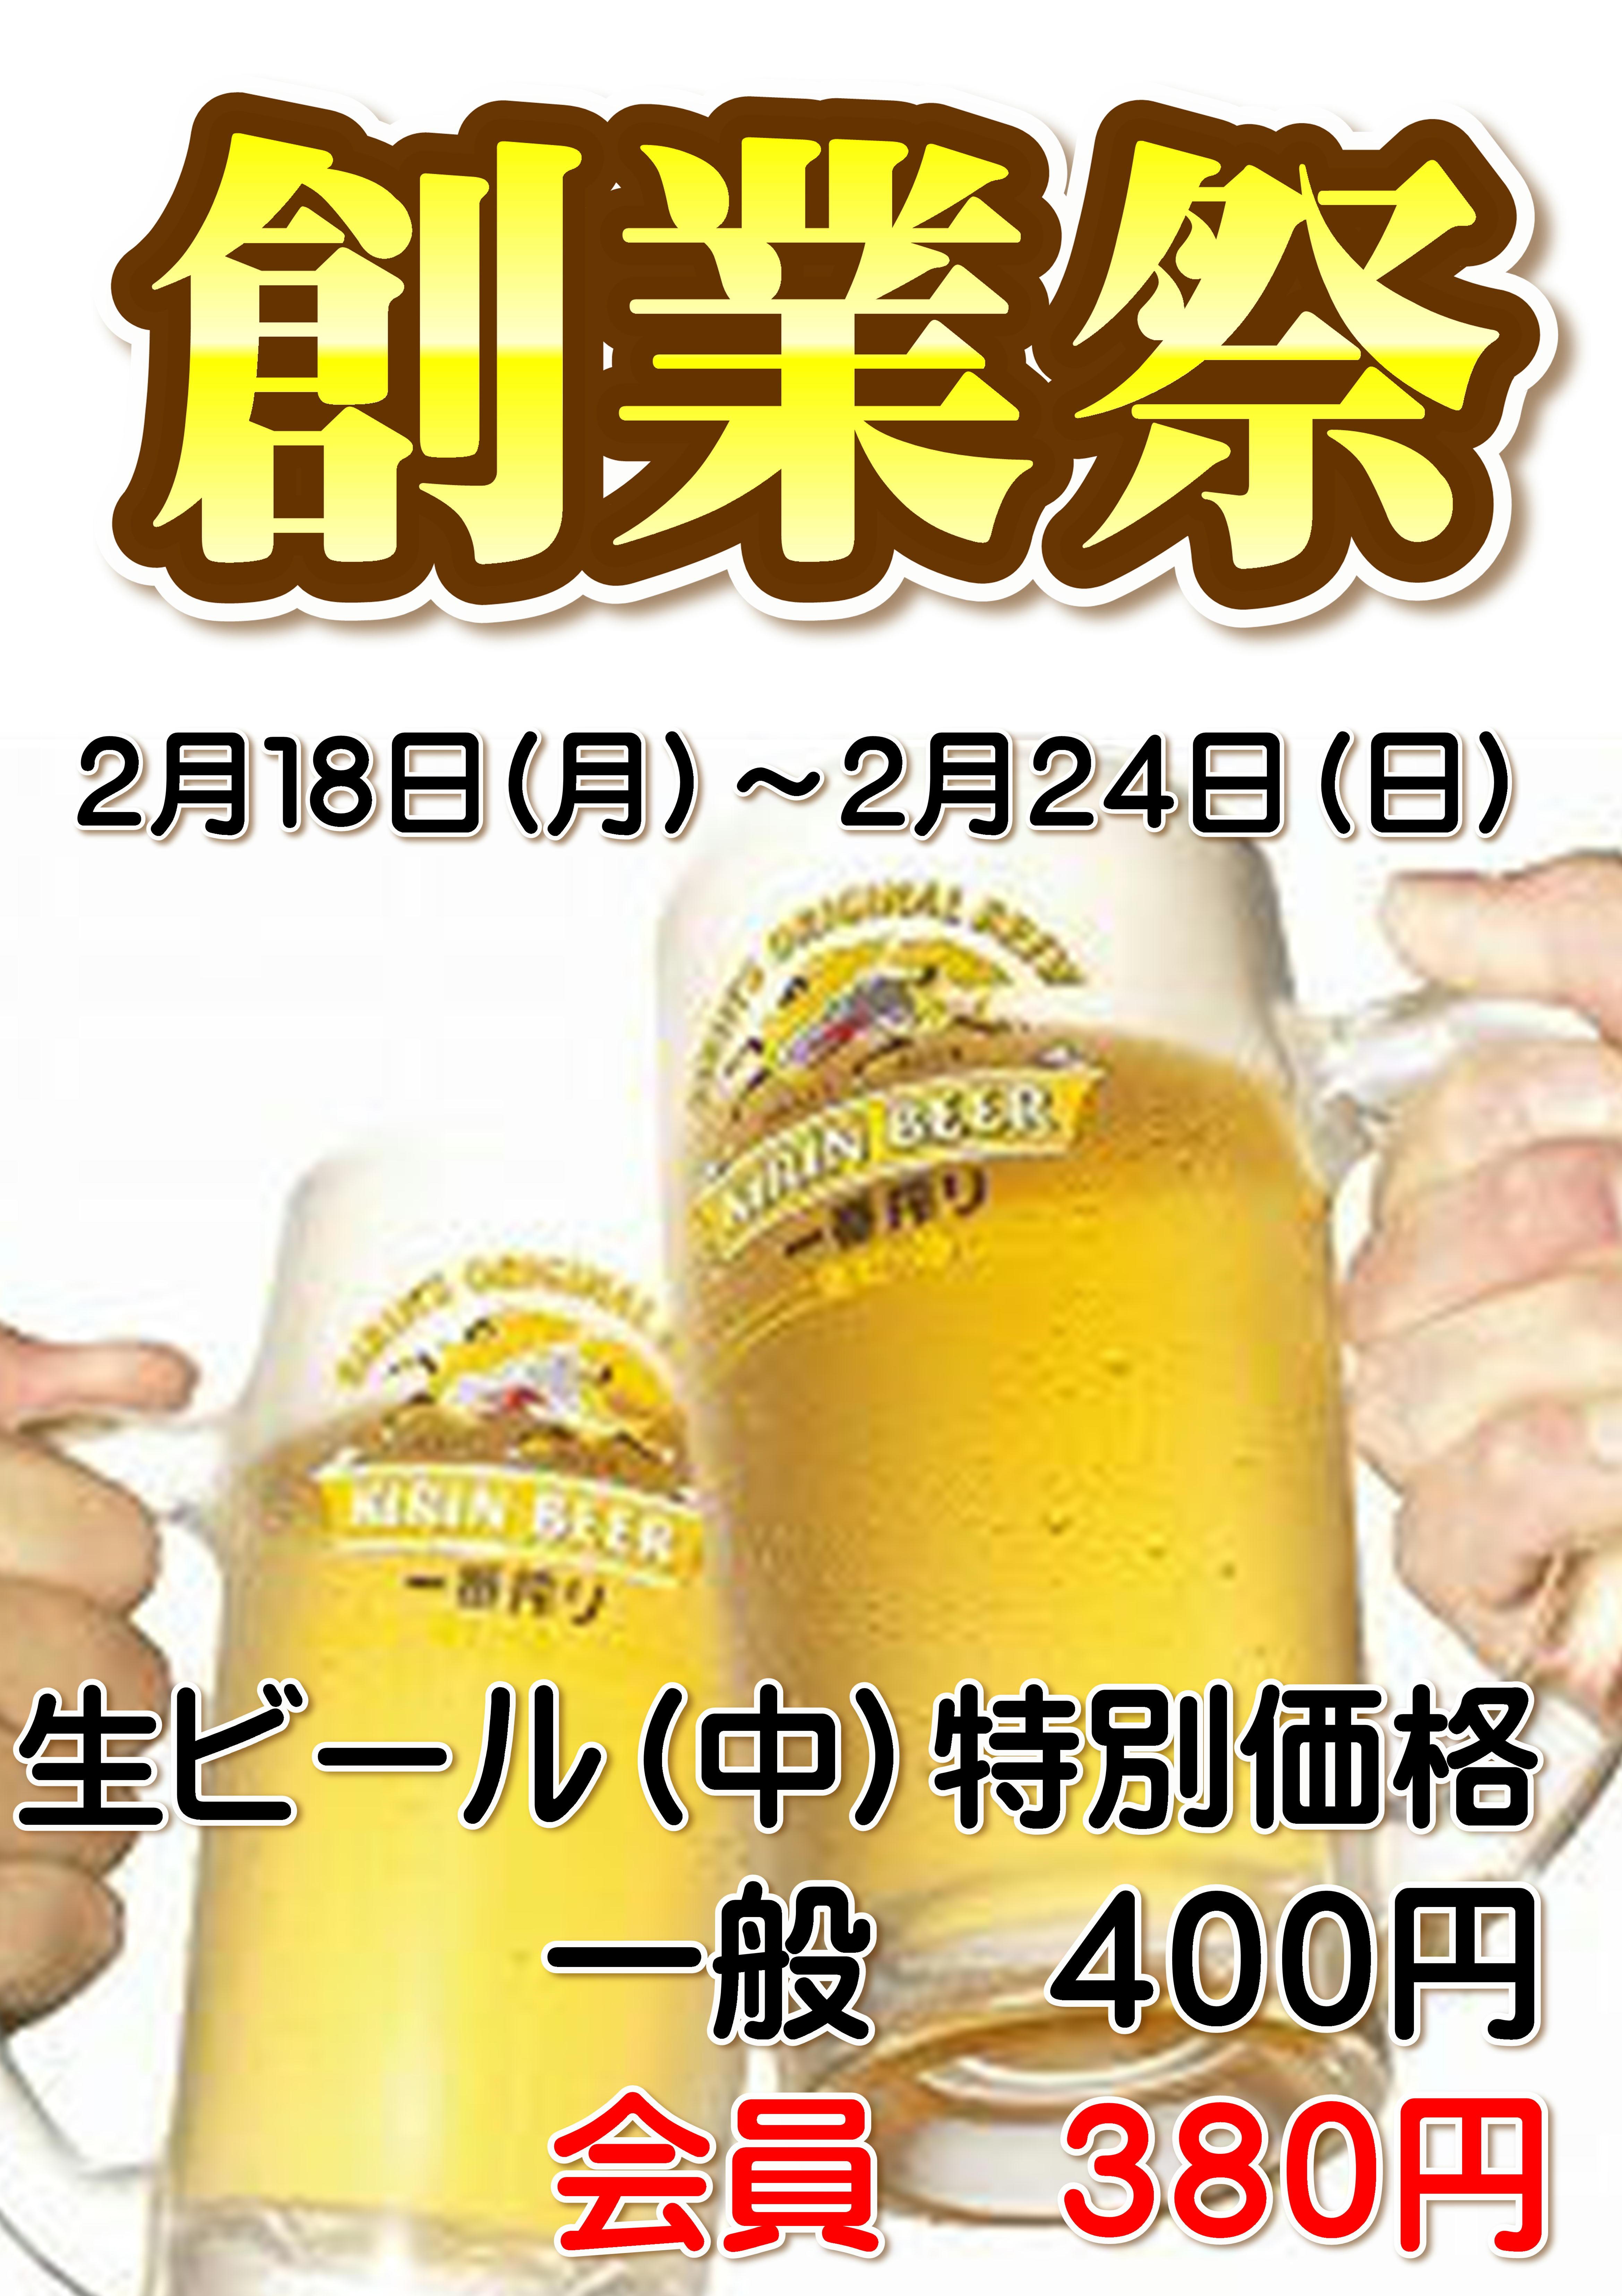 創業祭イベント!ビール特価!